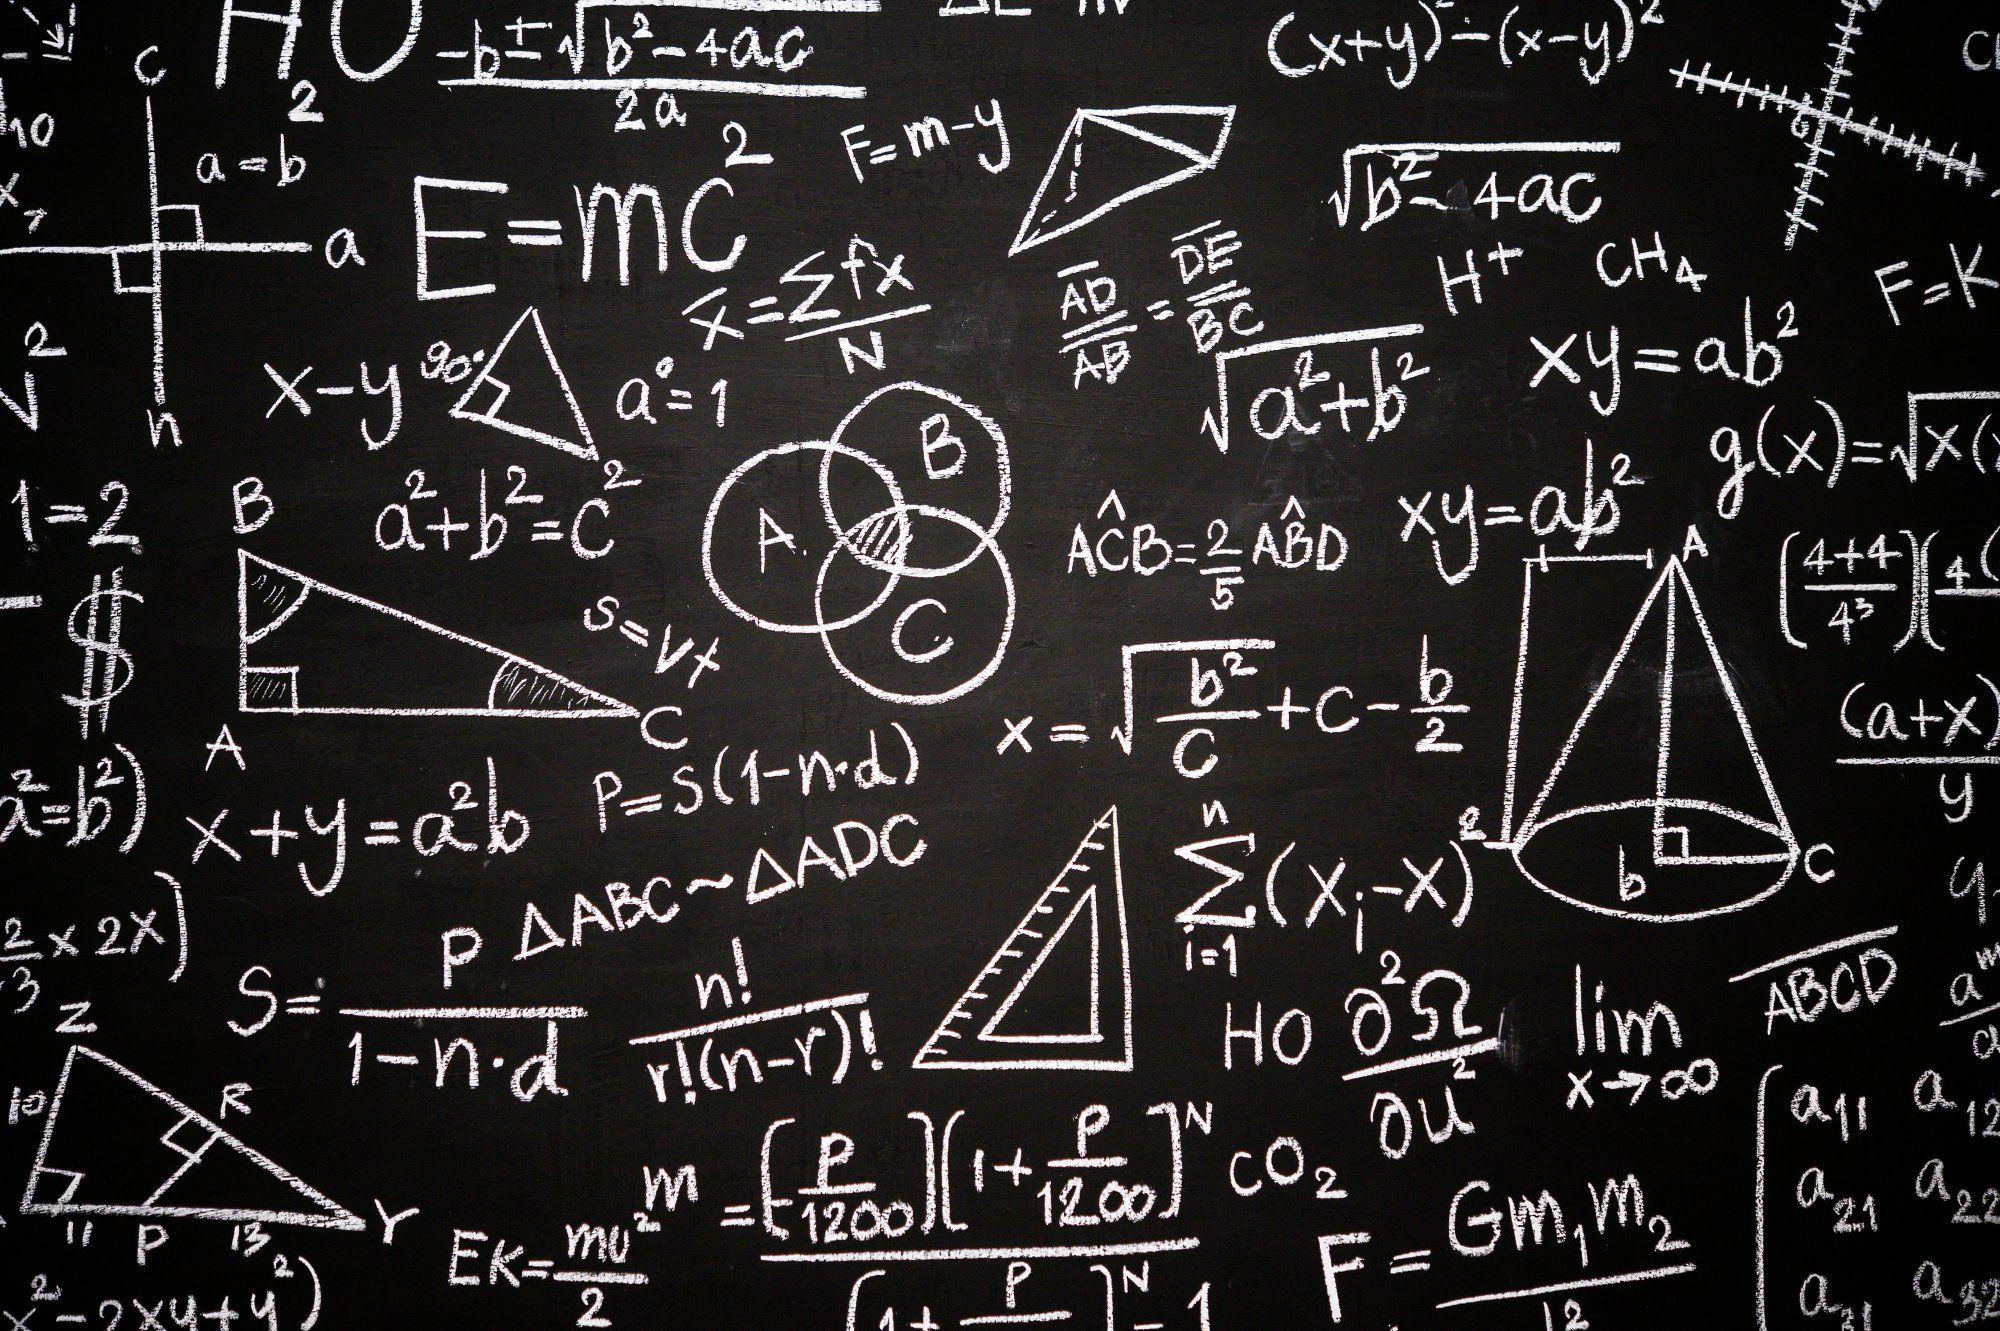 Fotografia Calculadora-científica